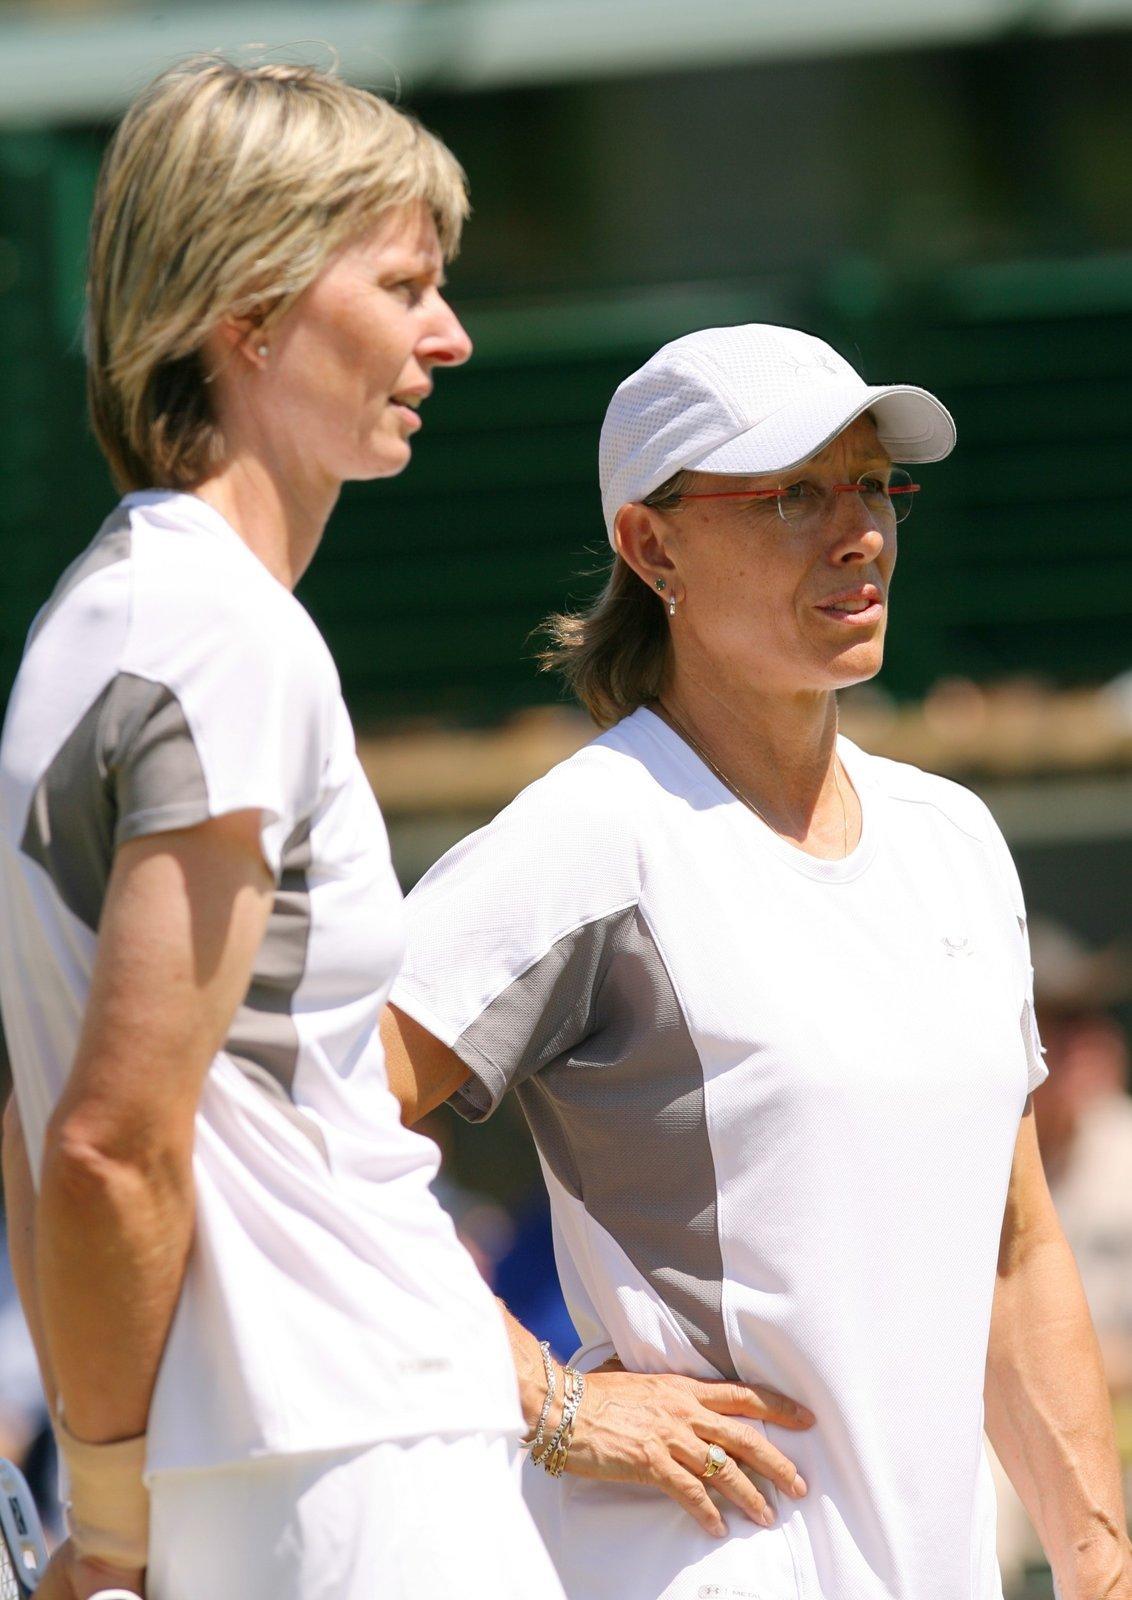 Helena Suková si Martinou Navrátilovou zahrála čtyřhru legend ve Wimbledonu